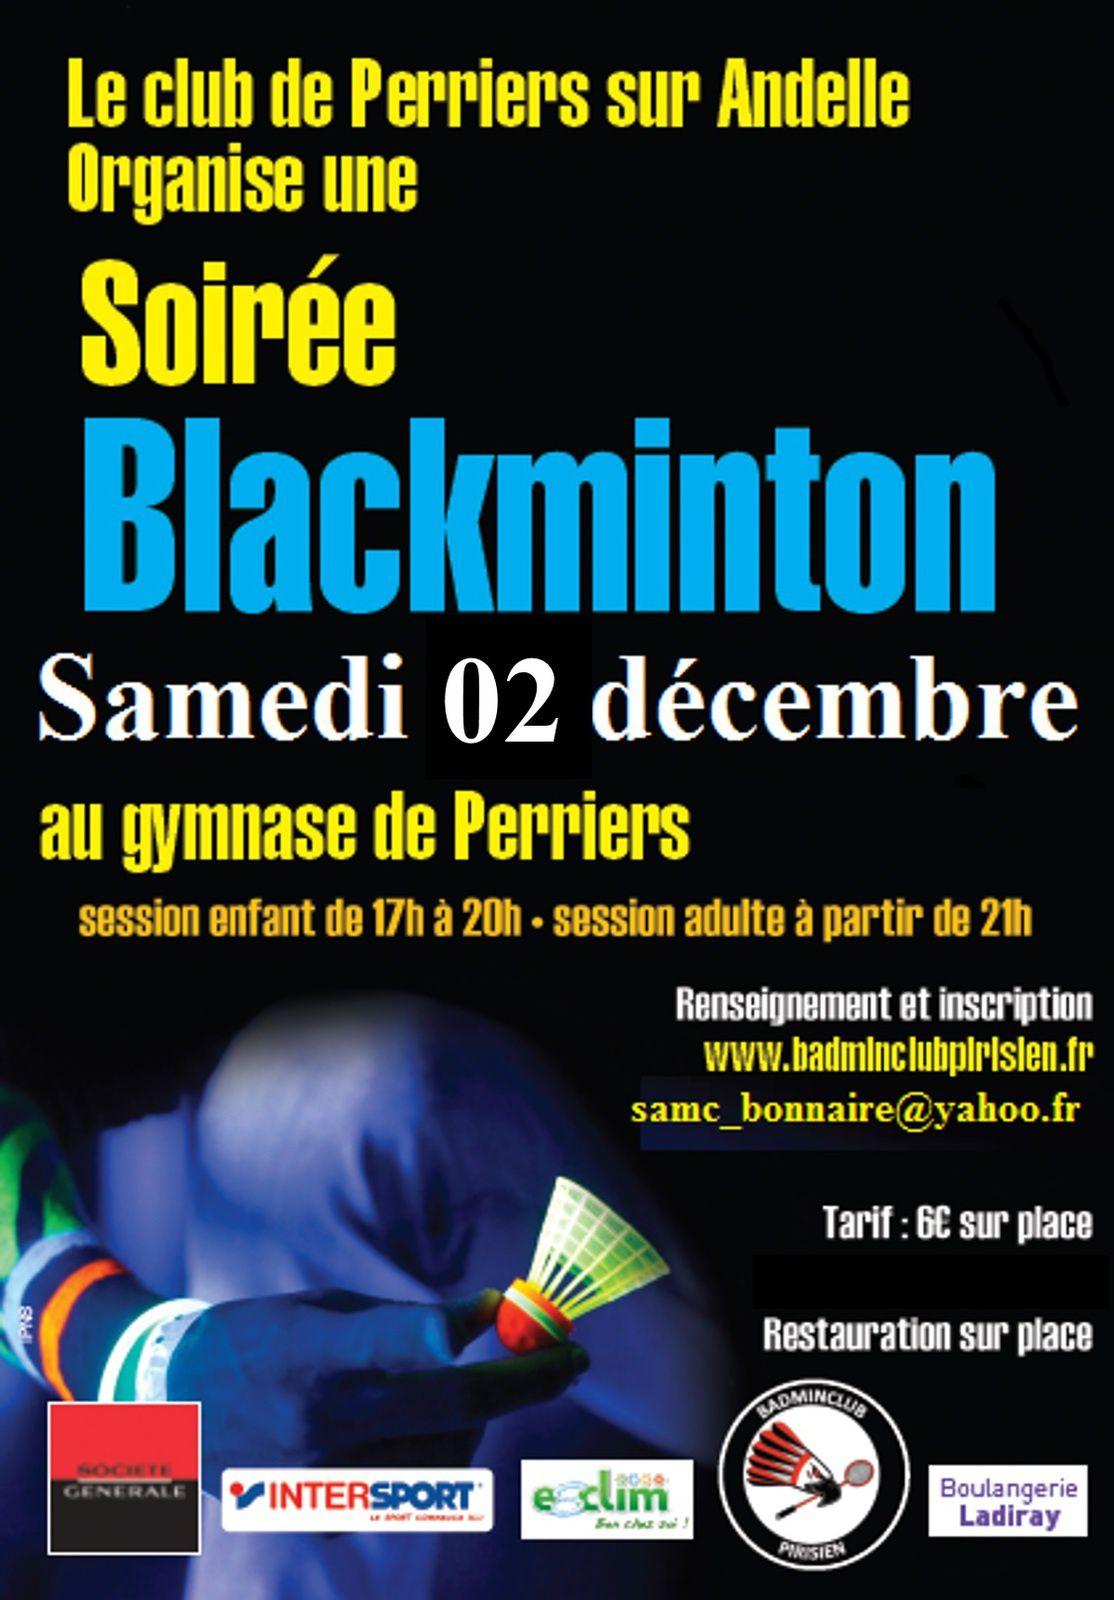 Rappel : Soirée blackminton le 02 décembre